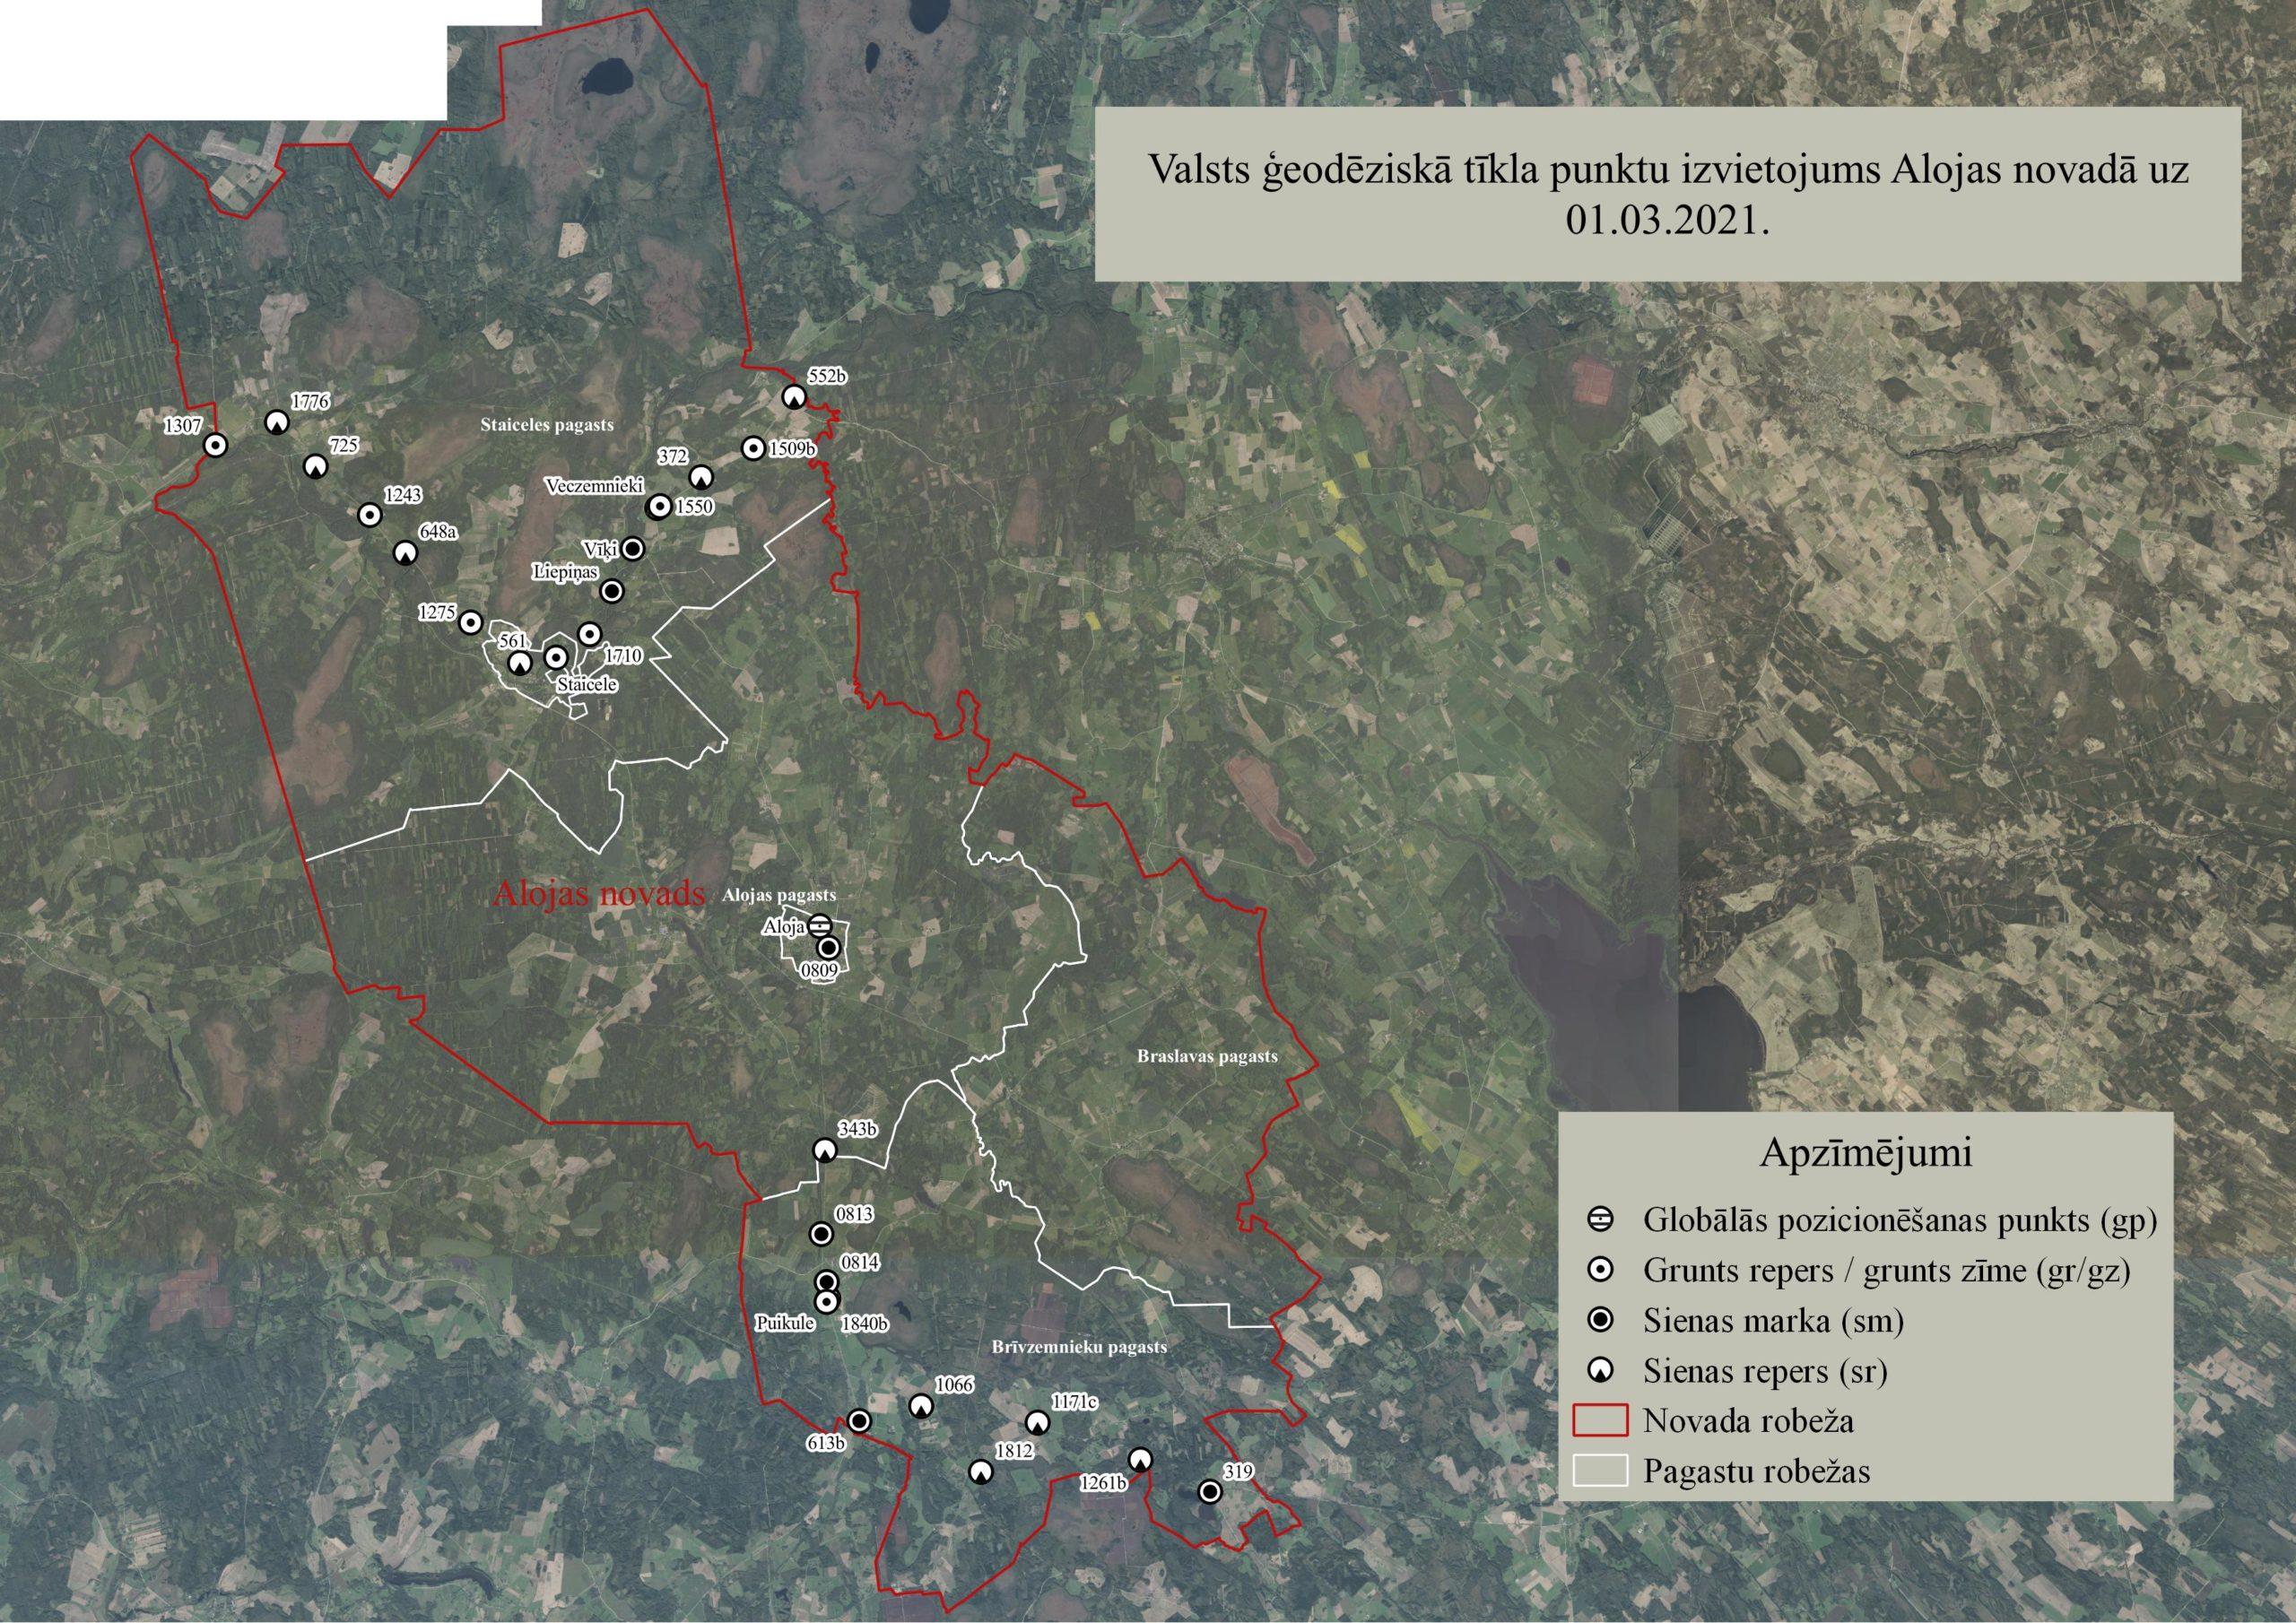 Latvijas Ģeotelpiskās informācijas aģentūra veiks valsts ģeodēziskā tīkla punktu apsekošanu